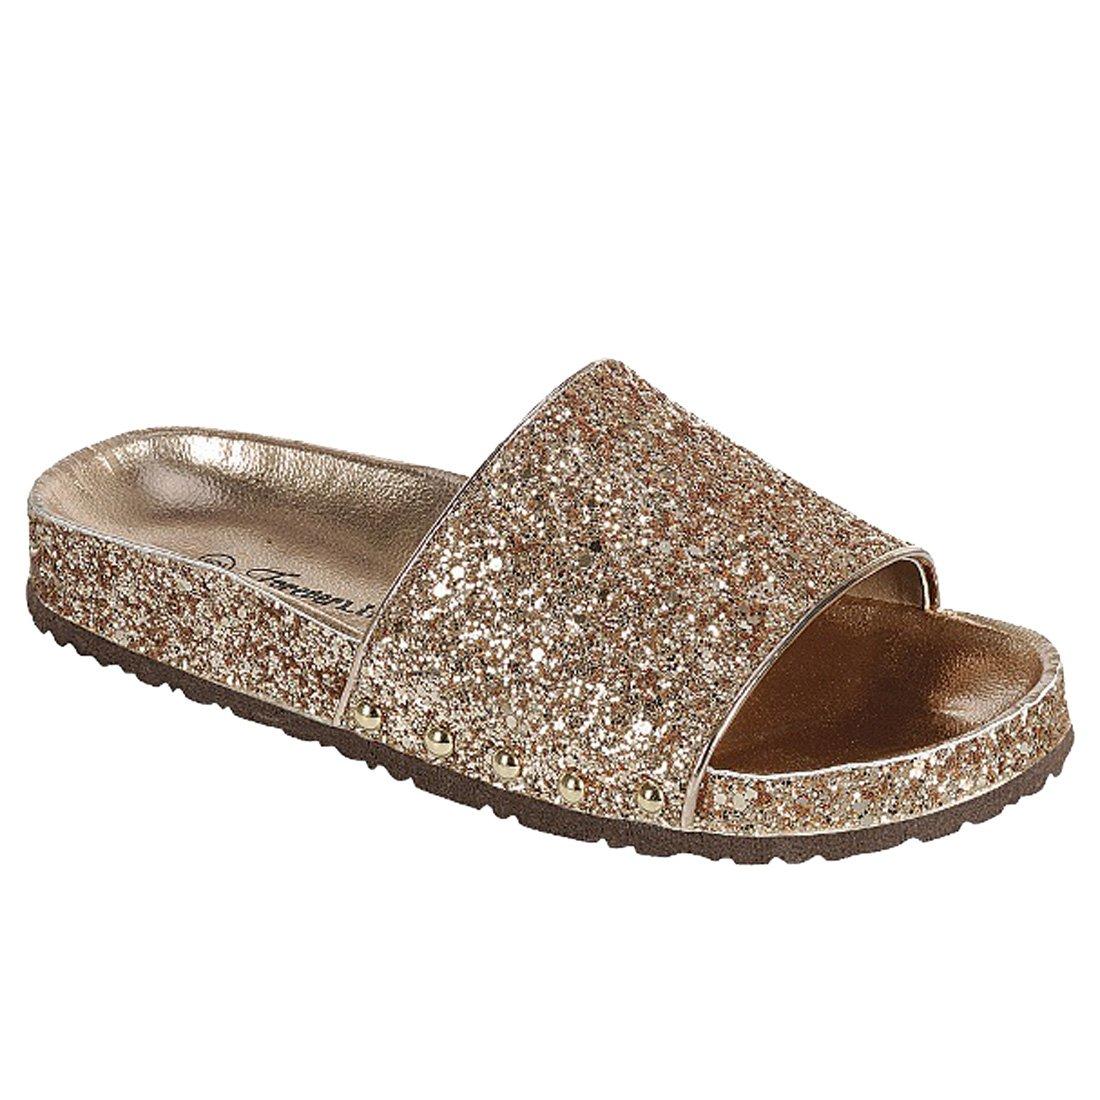 FOREVER FR01 Women's Sparkle Glitter Wide Band Slide Sandals, Color:Rose Gold, Size:7.5